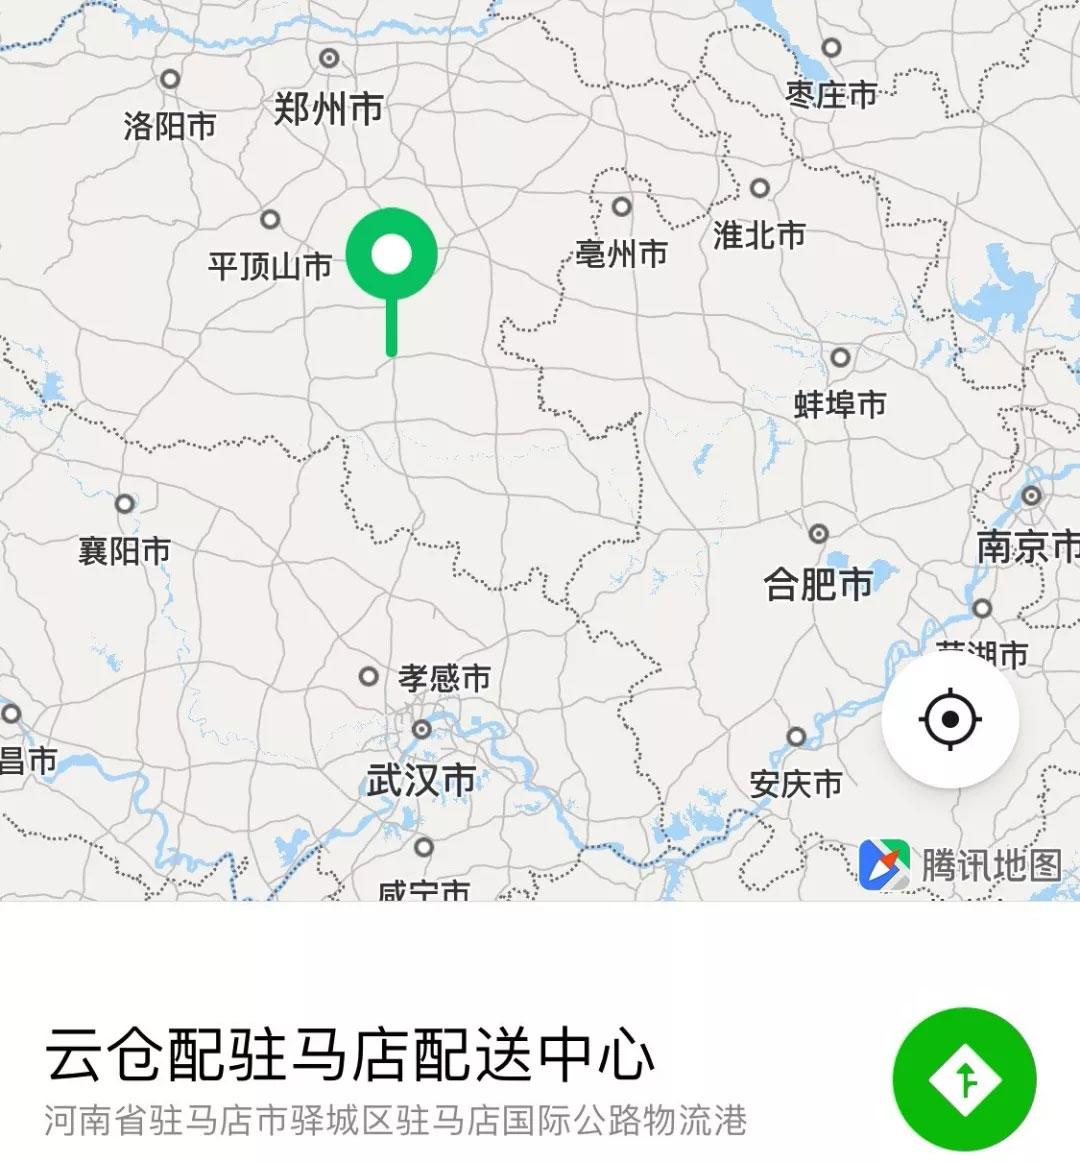 2019收官之作|云仓配驻马店配送中心盛大开仓,2020加油!